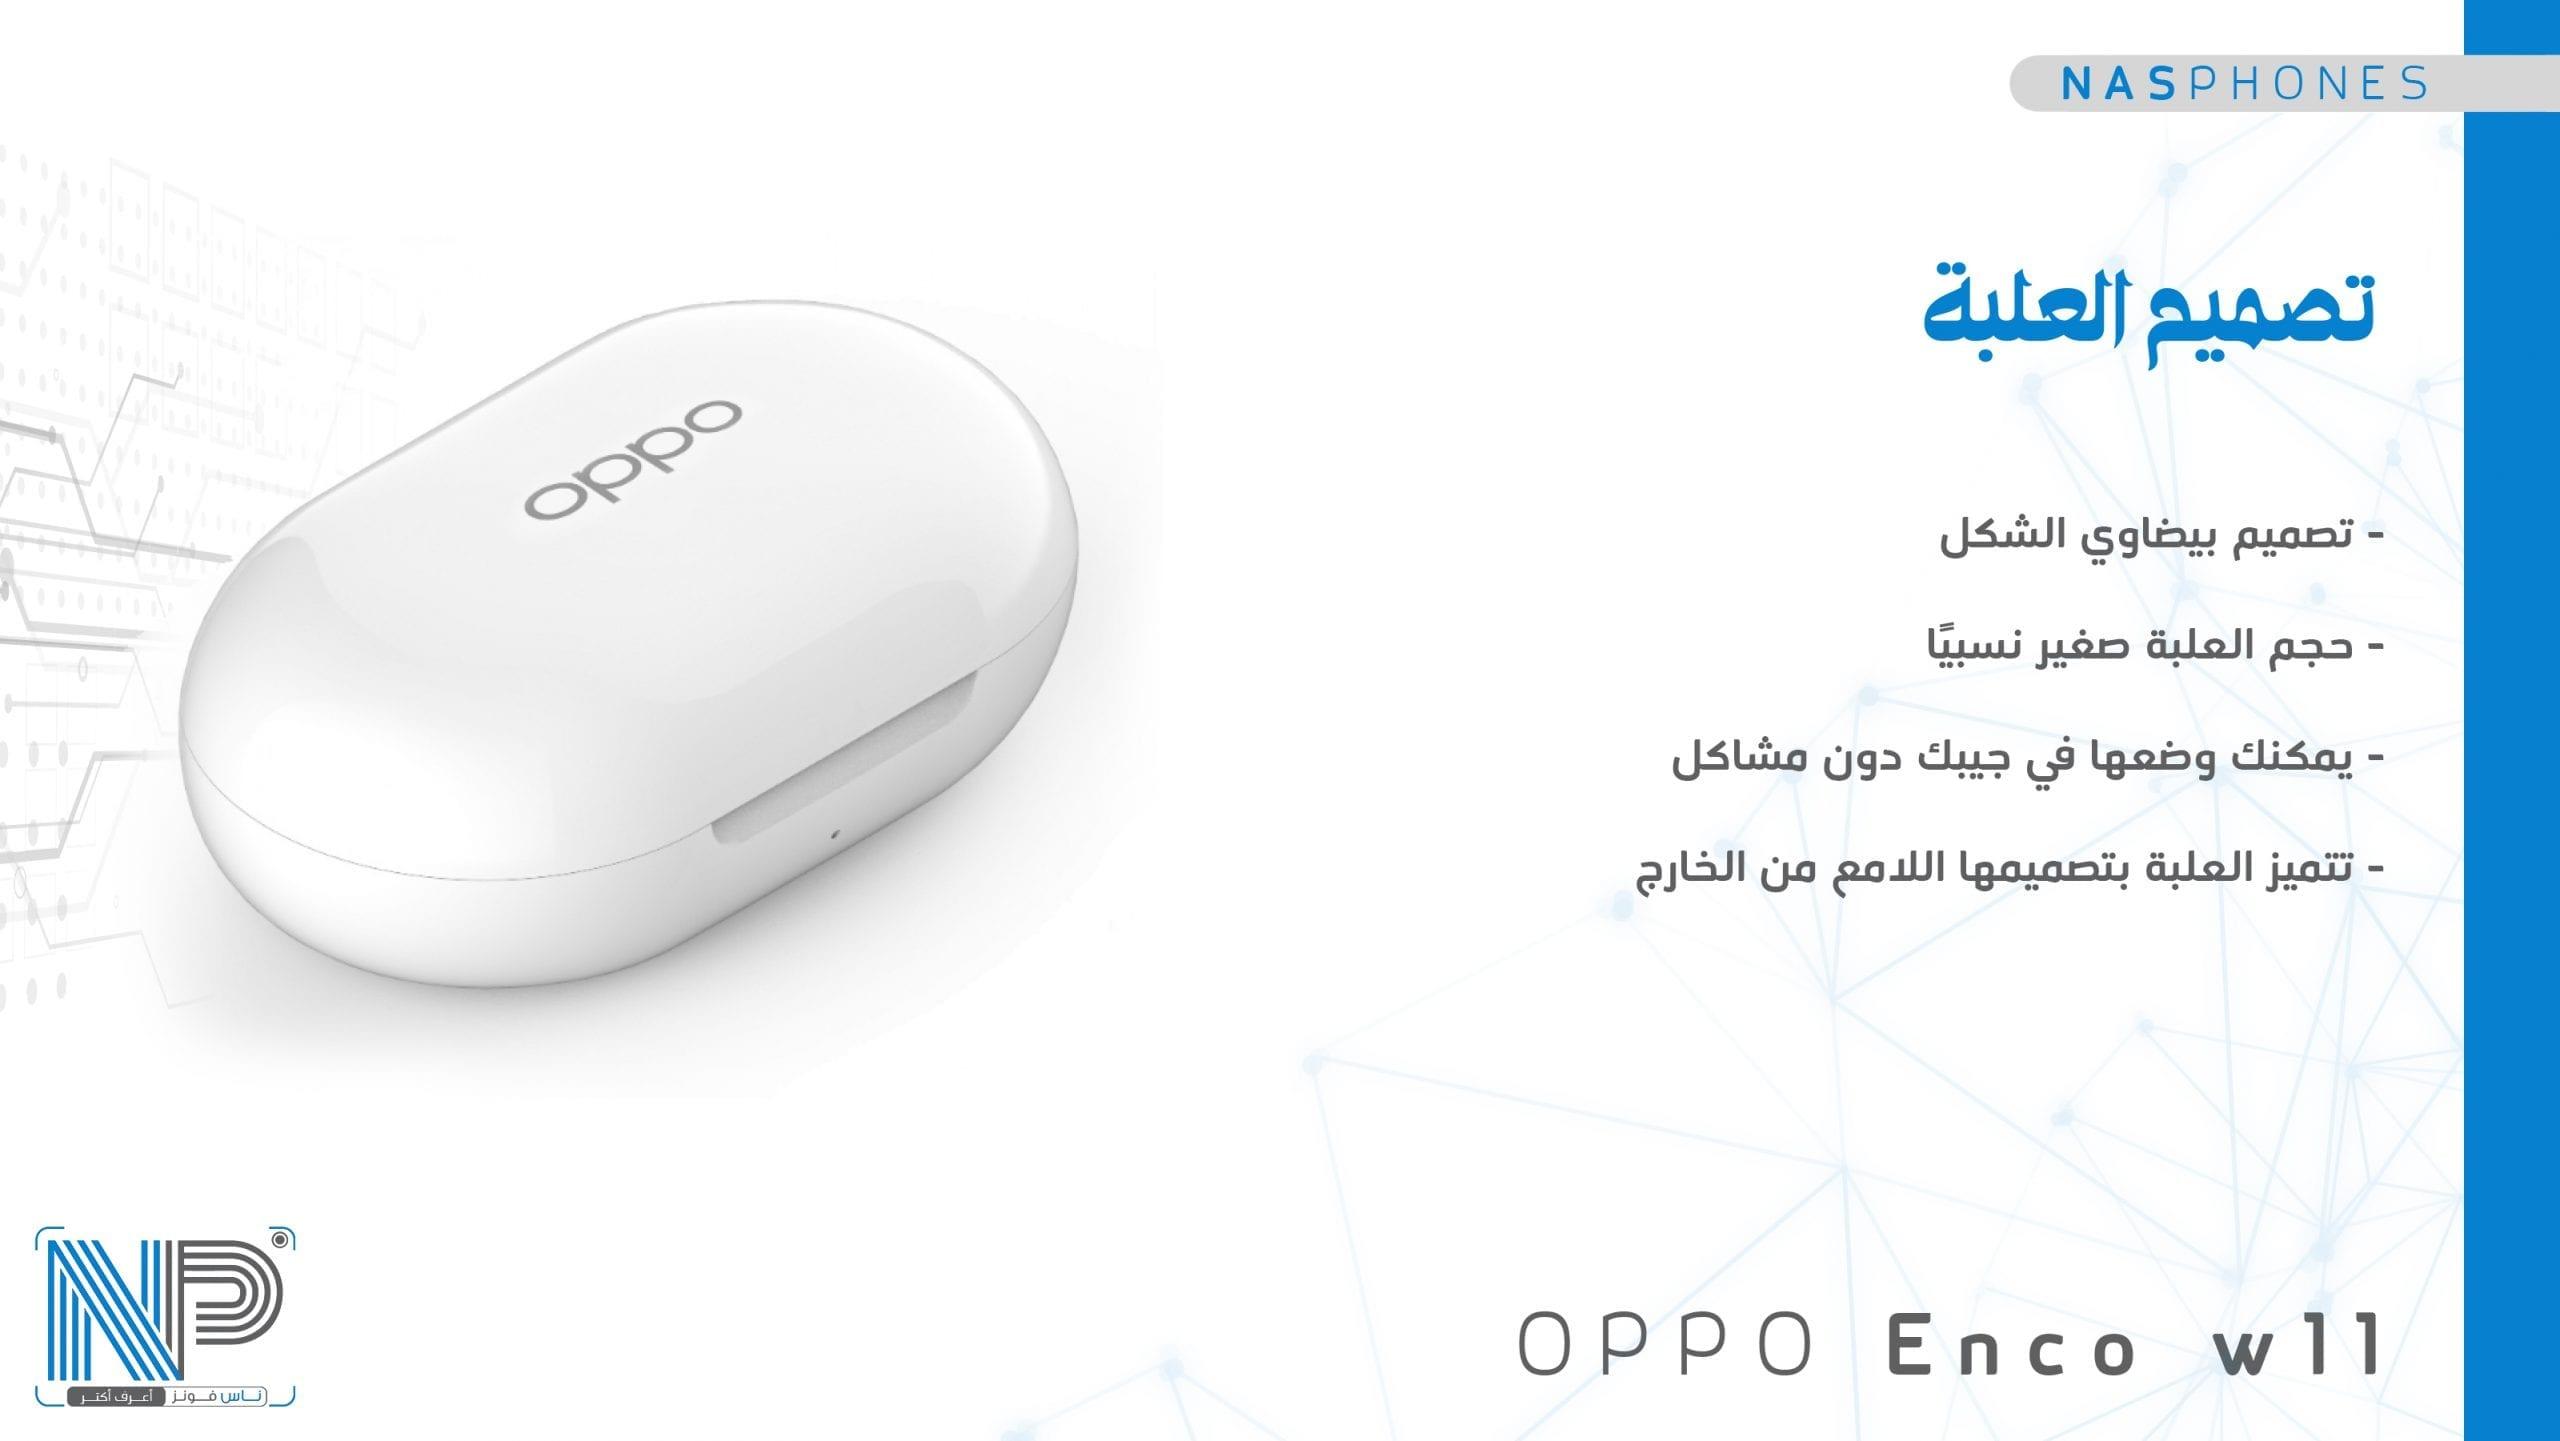 تصميم العلبة الخارجية لـ Oppo Enco w11